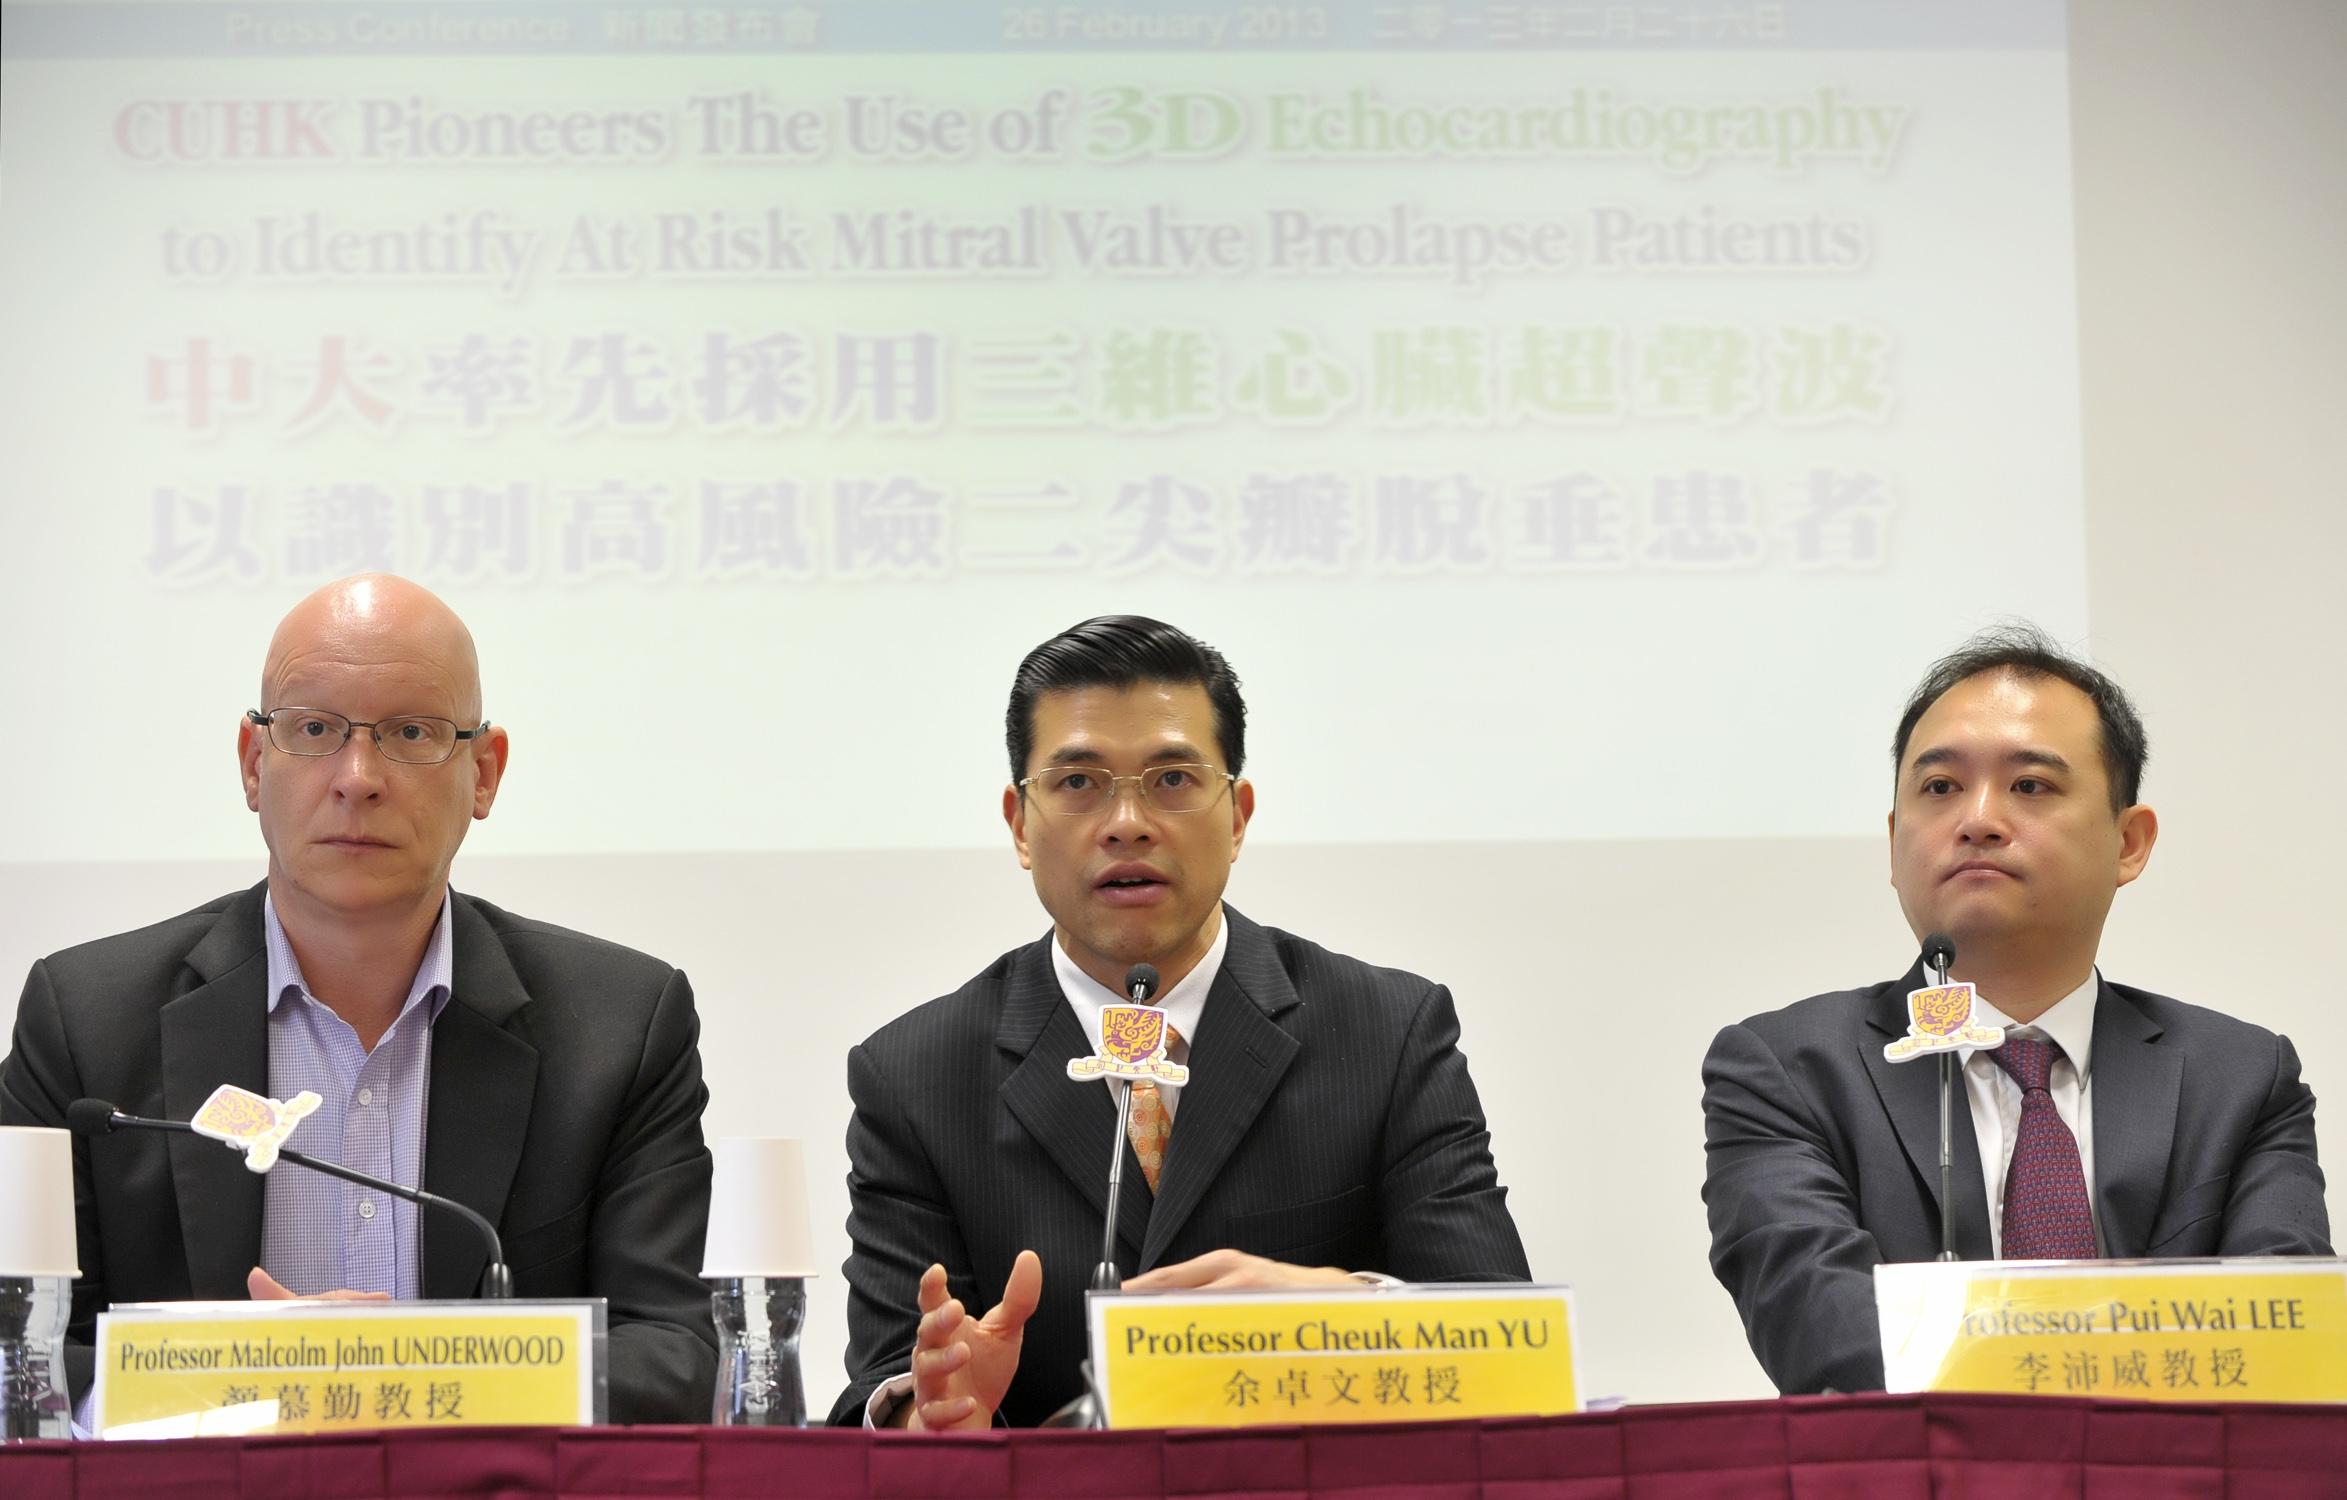 (左起) 中大外科學系心胸外科組主管顏慕勤教授、內科及藥物治療學系系主任余卓文教授及心臟科助理教授李沛威教授